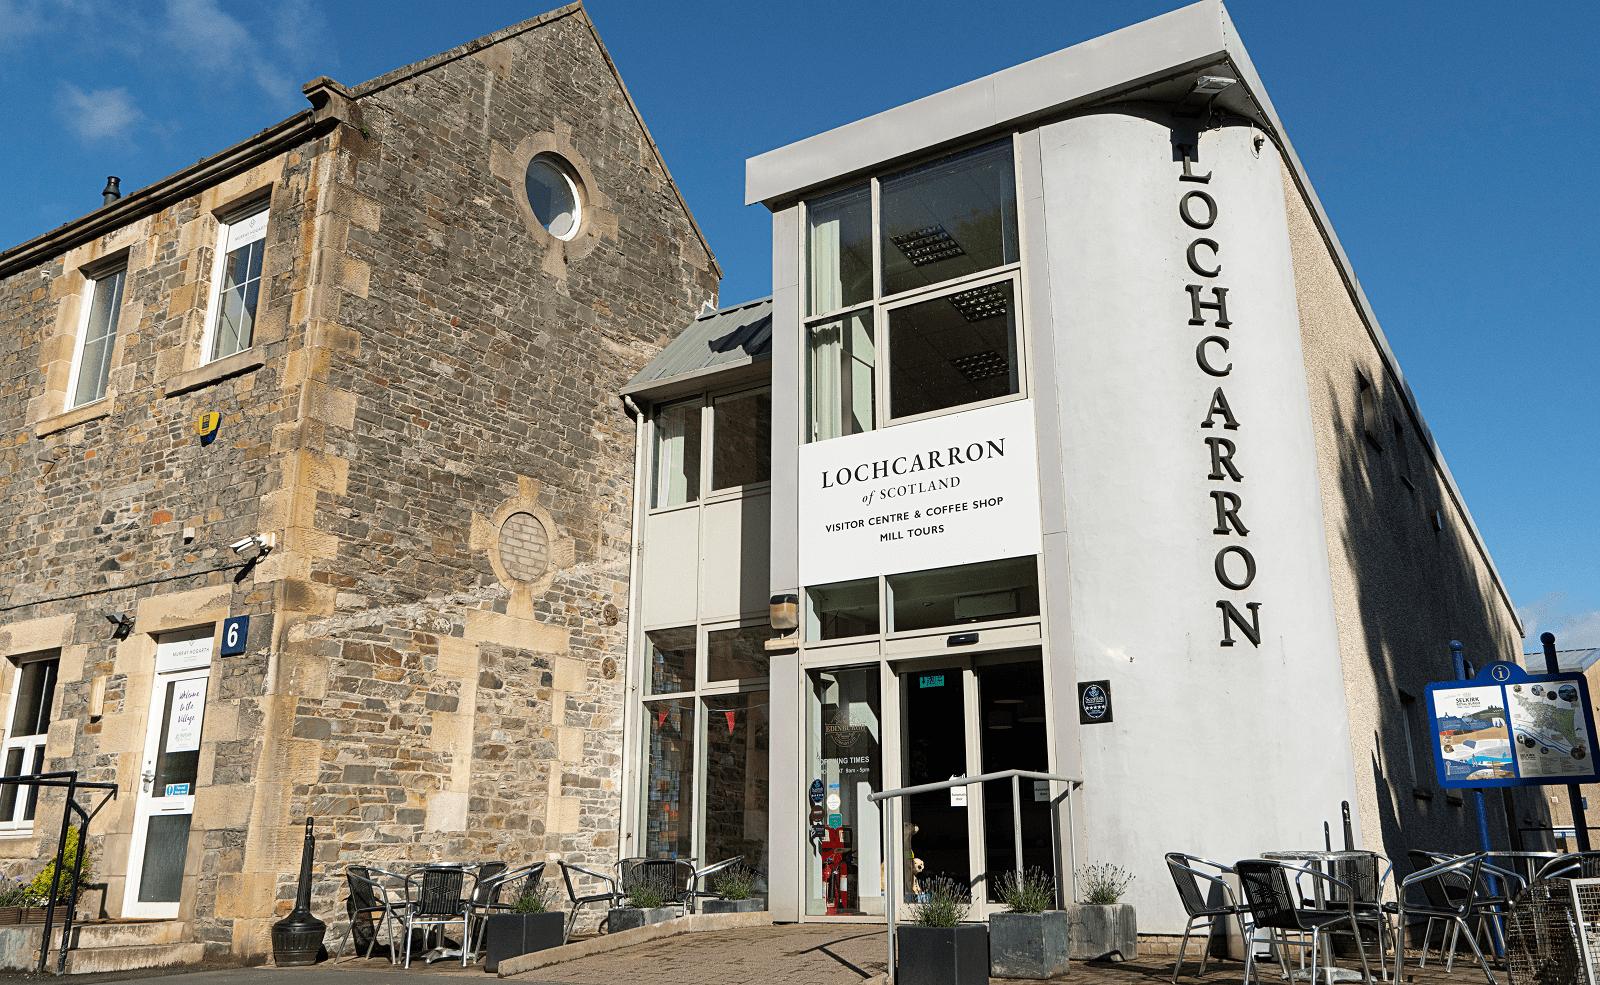 Lochcarron Visitor Centre Mill Tours Lochcarron Of Scotland